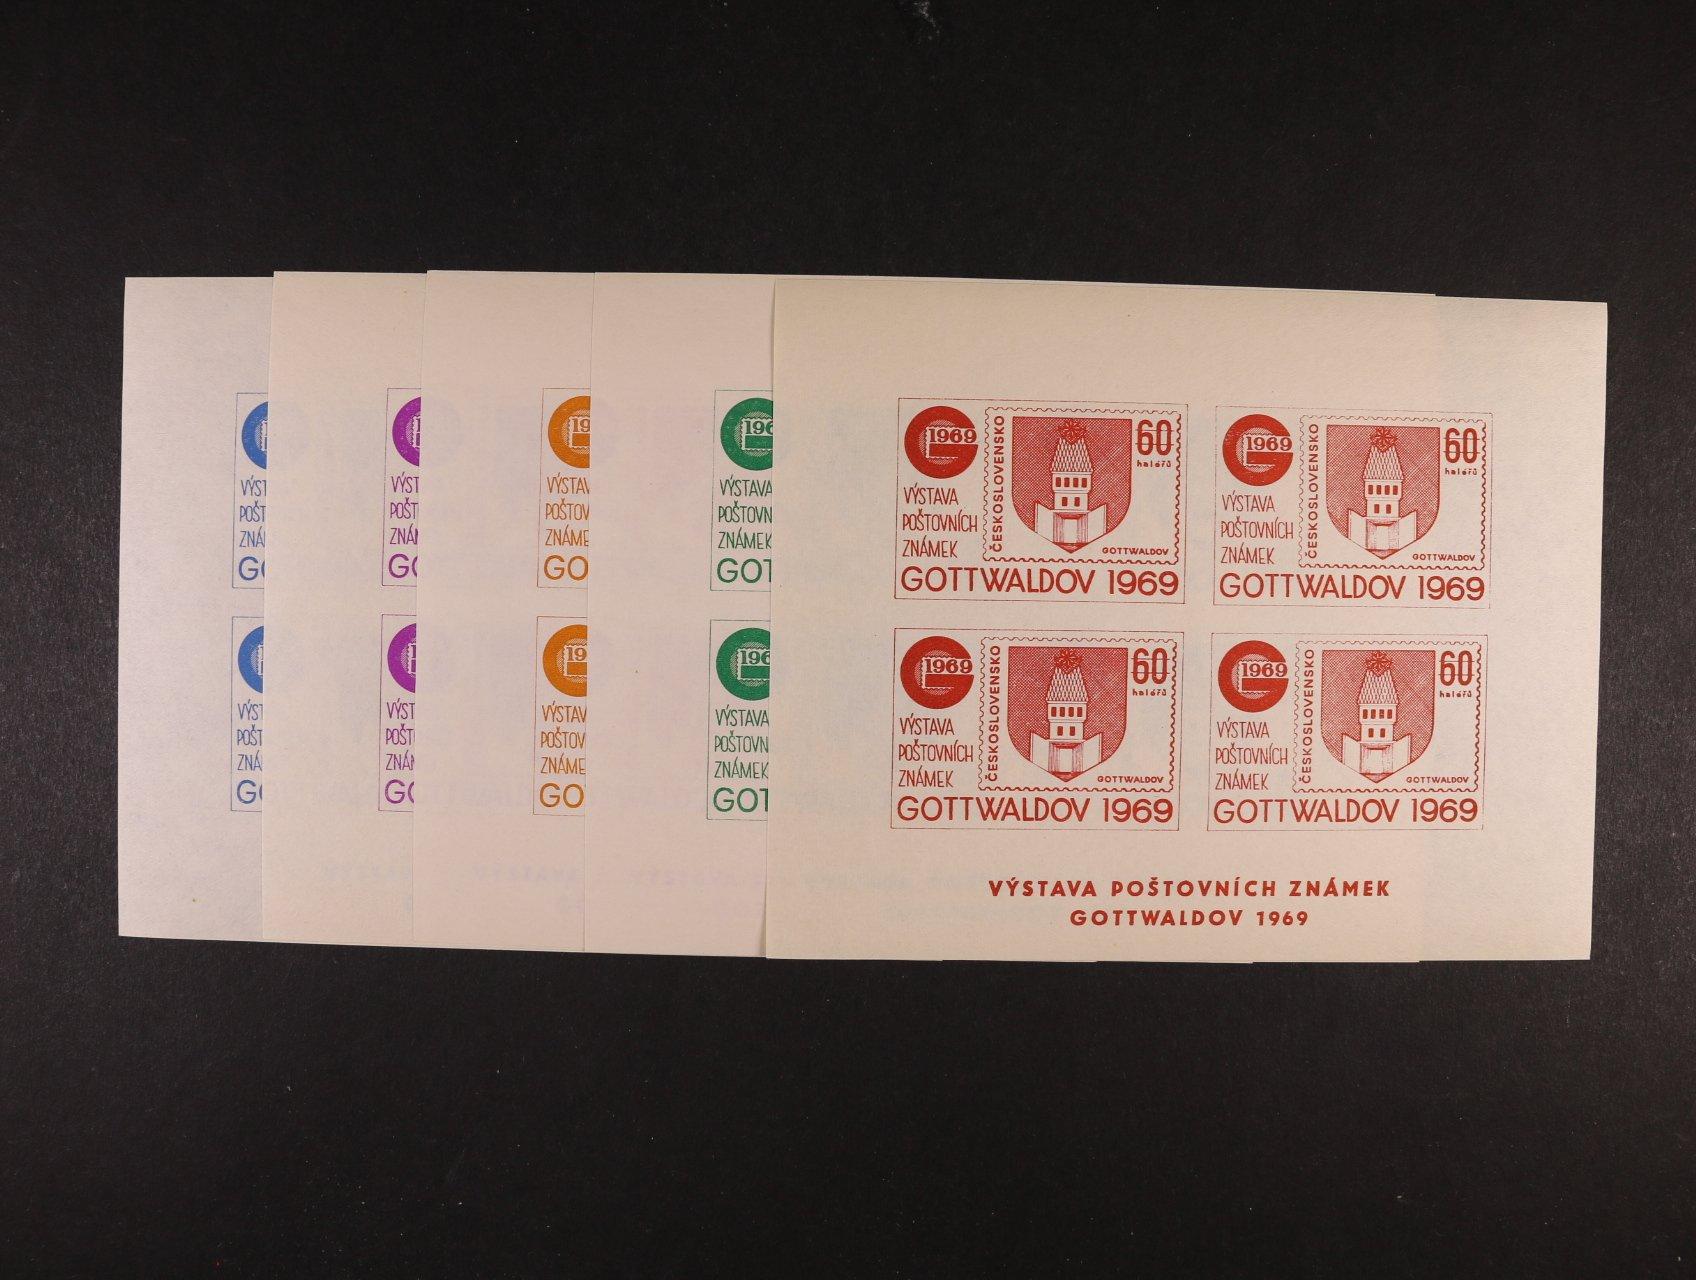 výstavní nálepky - sestava 5 ks TL o čtyřech kusech v různých barvách k výstavě pošt. zn. GOTTWALDOV 1969